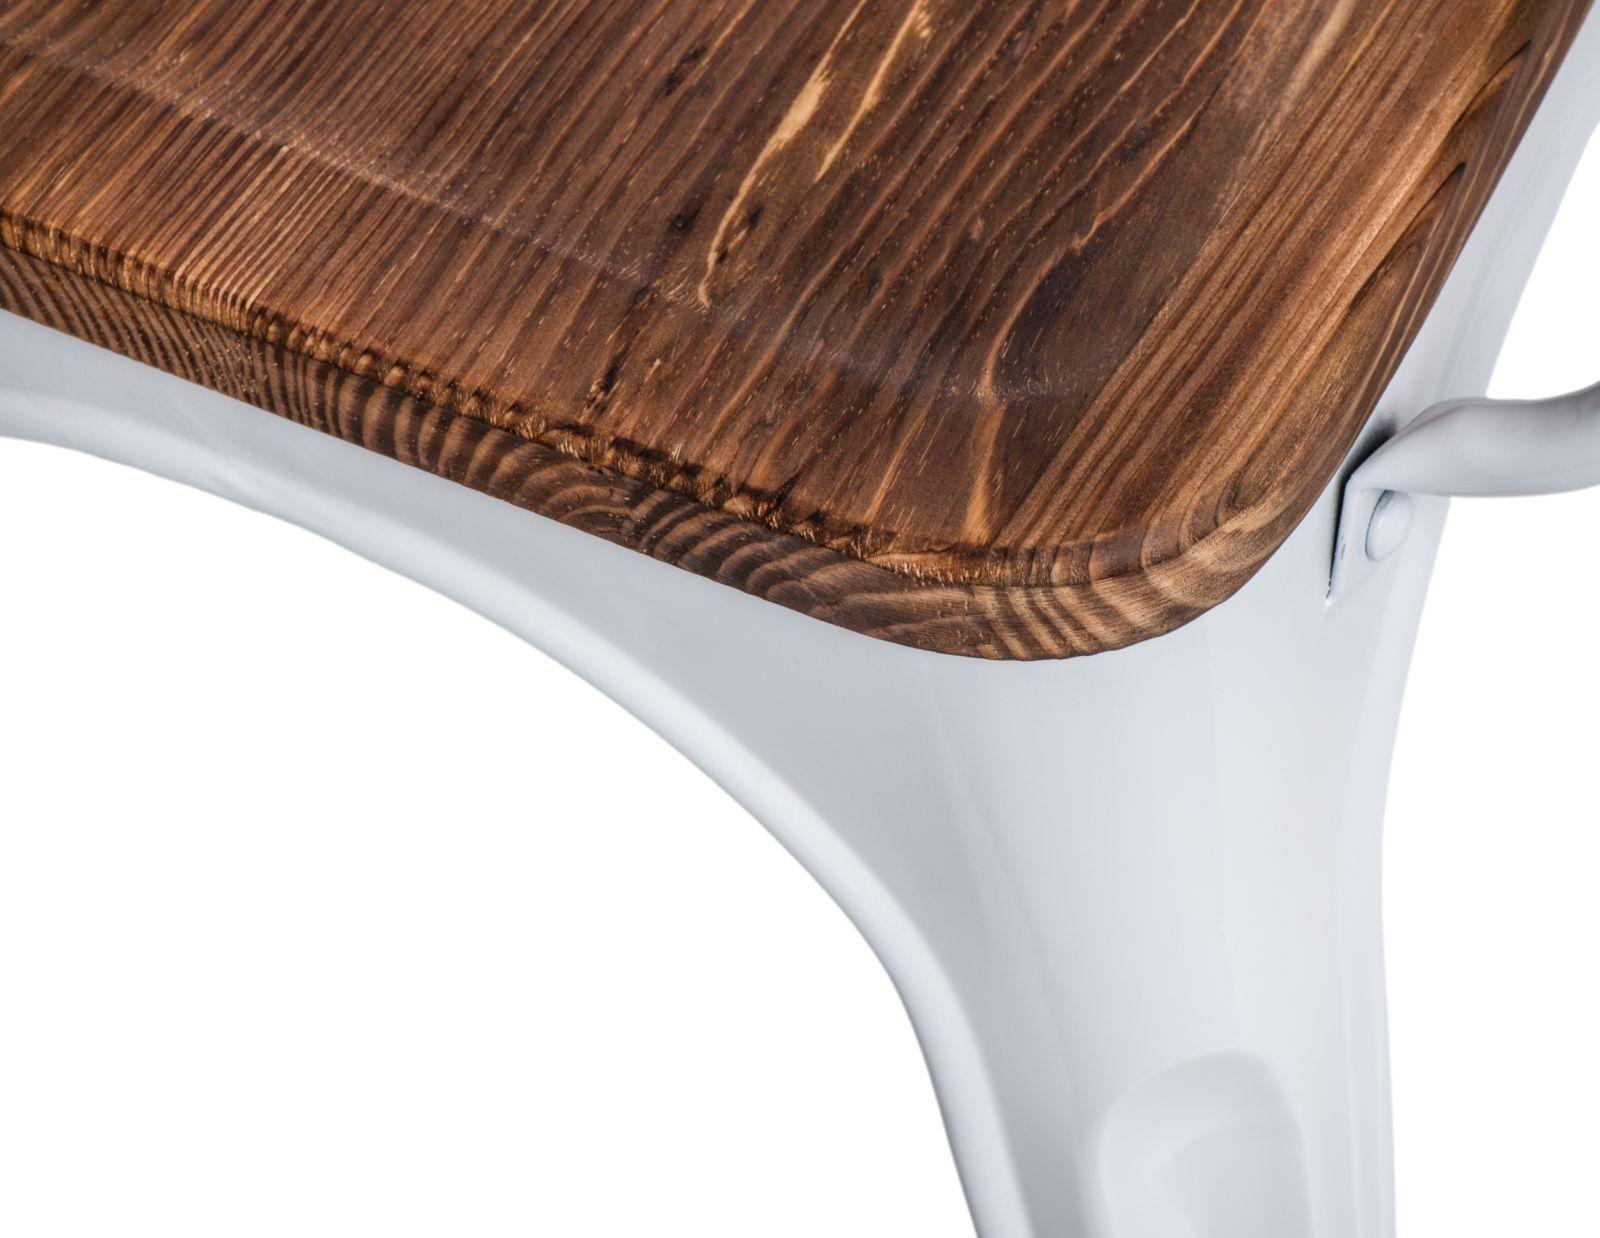 D2 Krzesło Paris Arms Wood biały sosna